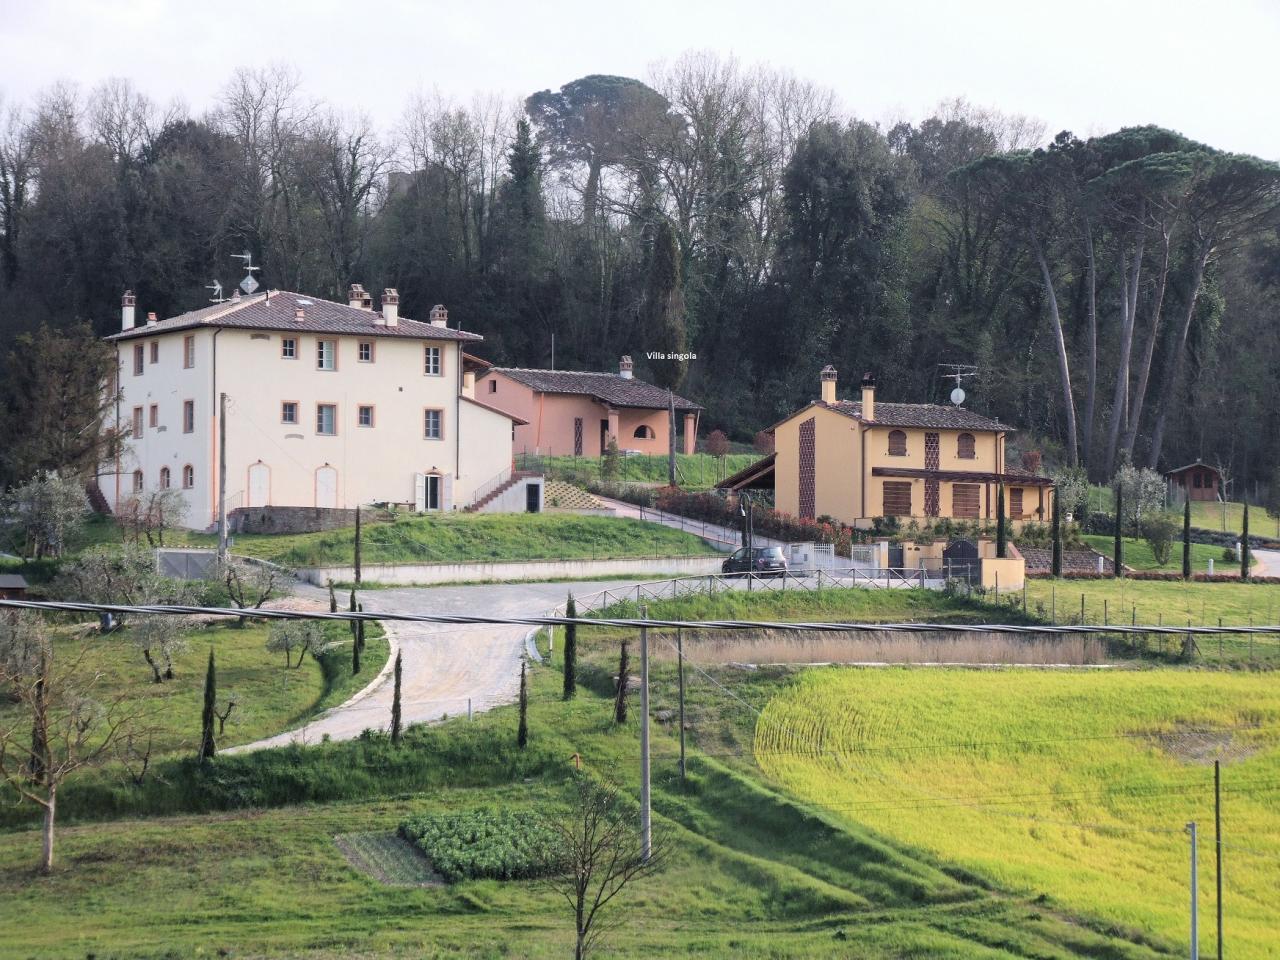 Rustico / Casale in vendita a San Miniato, 6 locali, prezzo € 350.000 | Cambio Casa.it